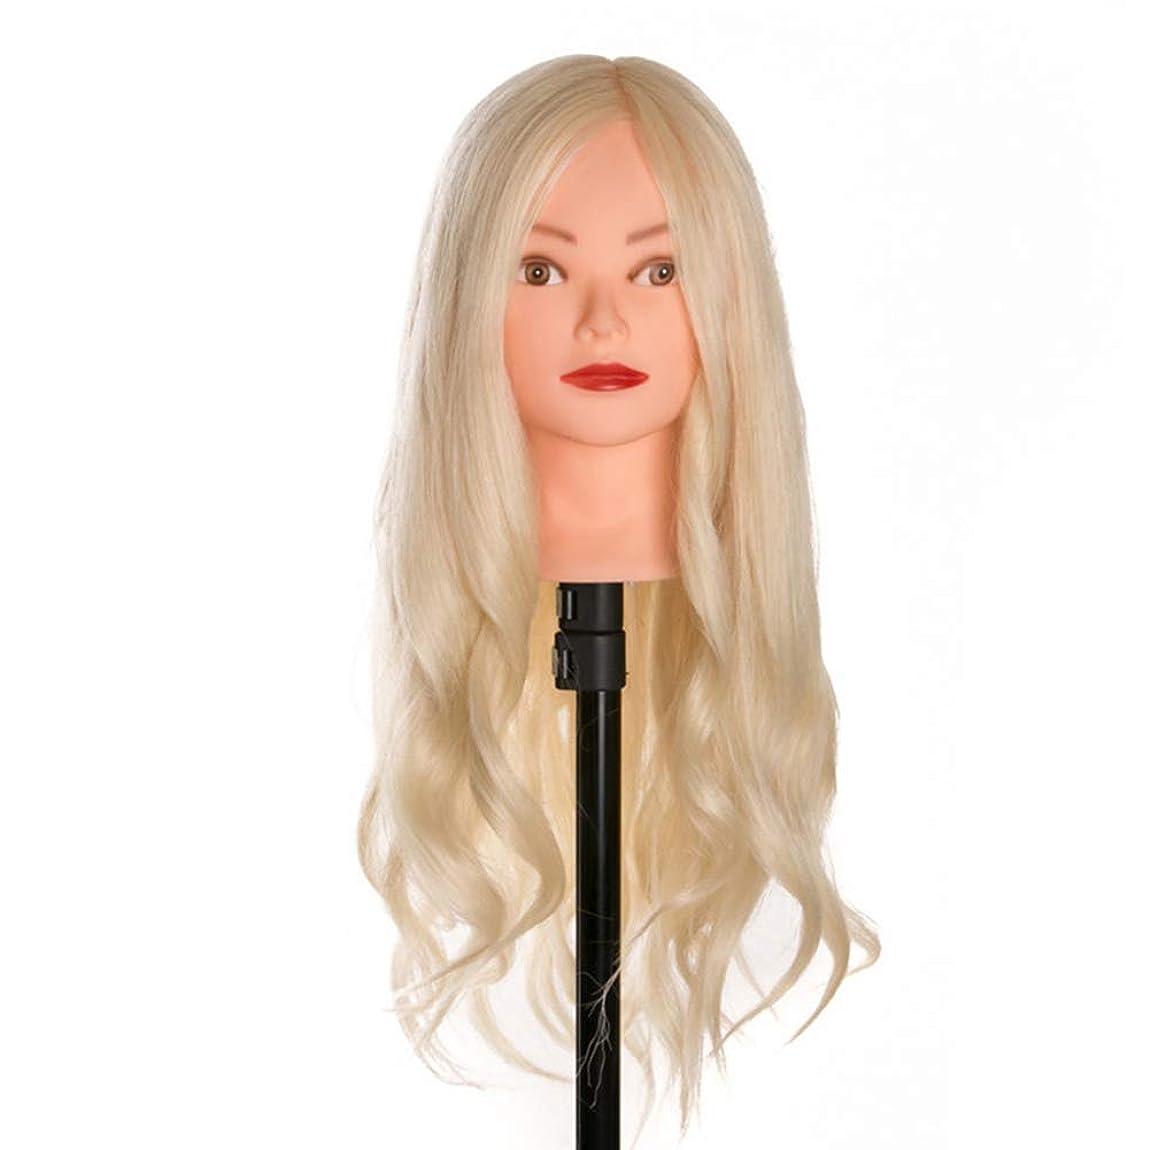 シルエットきゅうり自信があるヘアカットトレーニングかつらメイクディスクヘアスタイリング編組ティーチングダミーヘッド理髪サロンエクササイズヘッド金型3個